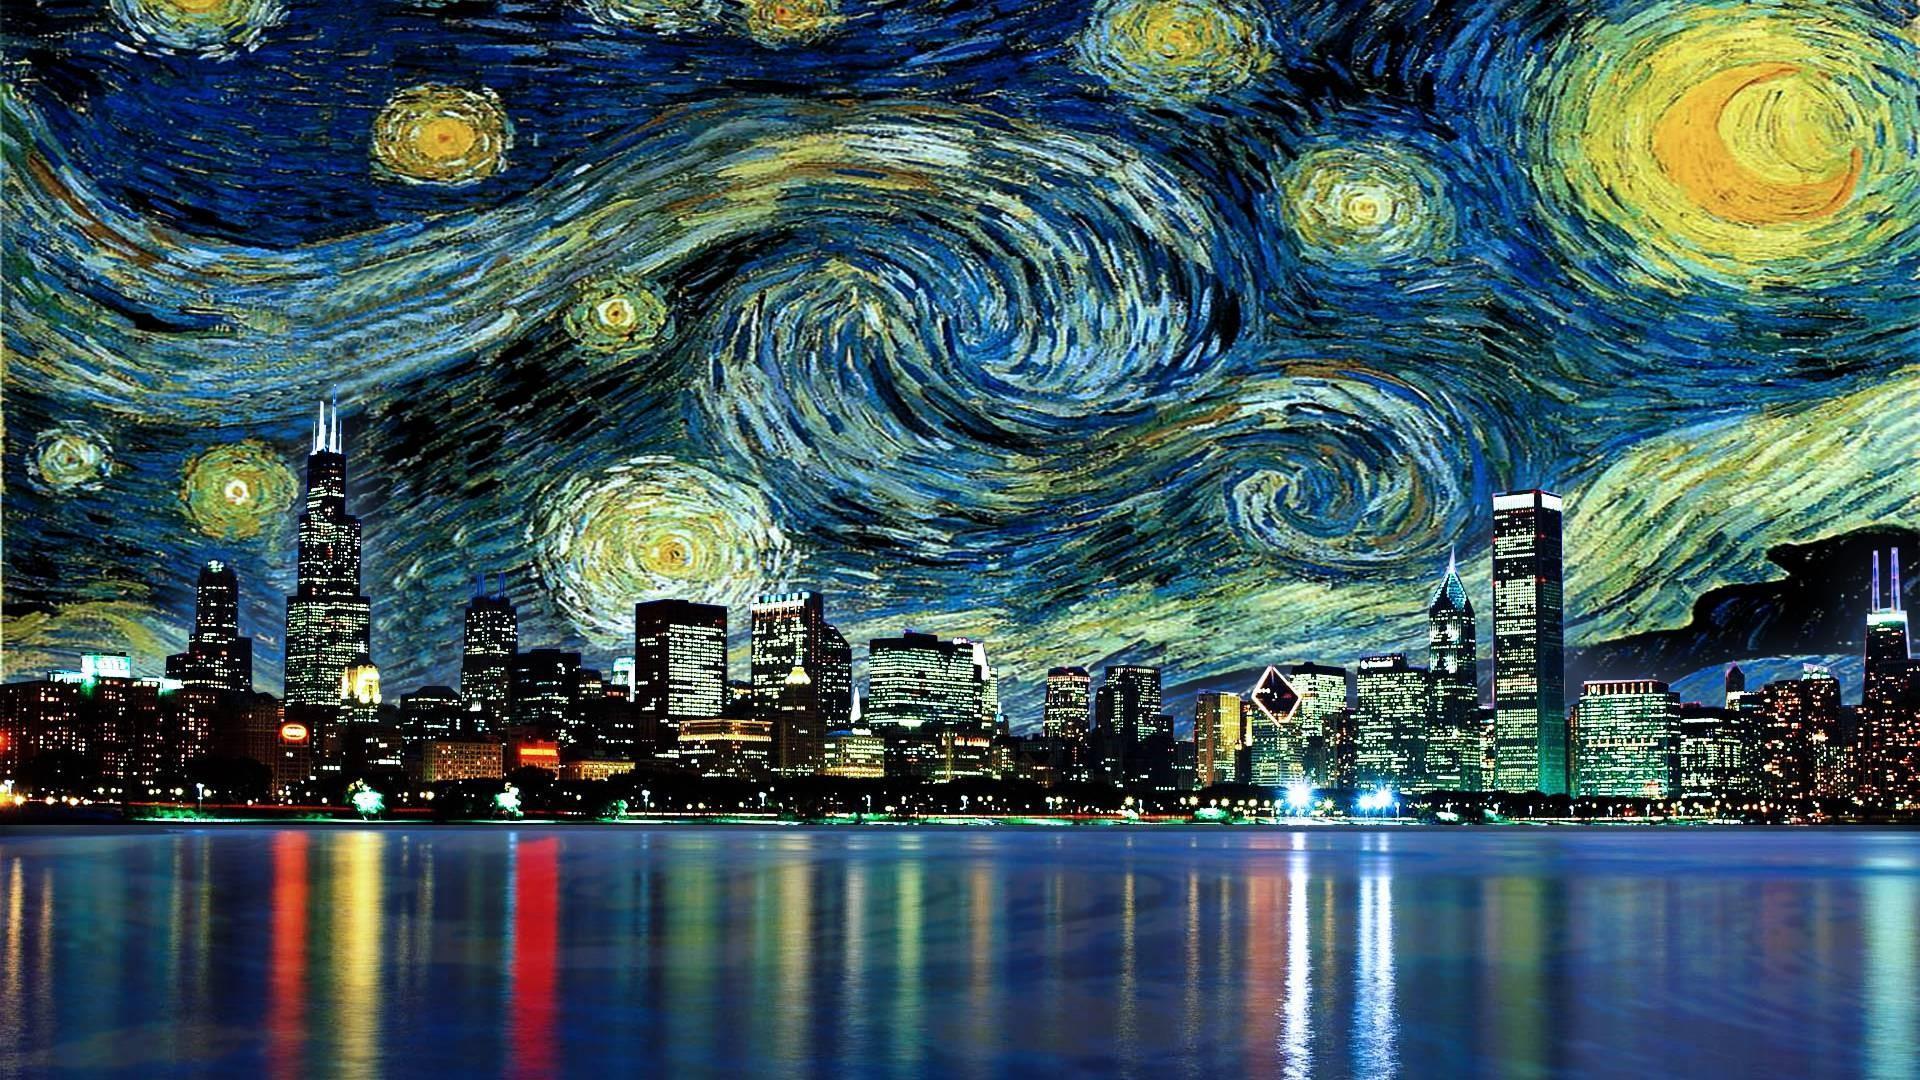 Van Gogh Starry Night Wallpapers Top Free Van Gogh Starry